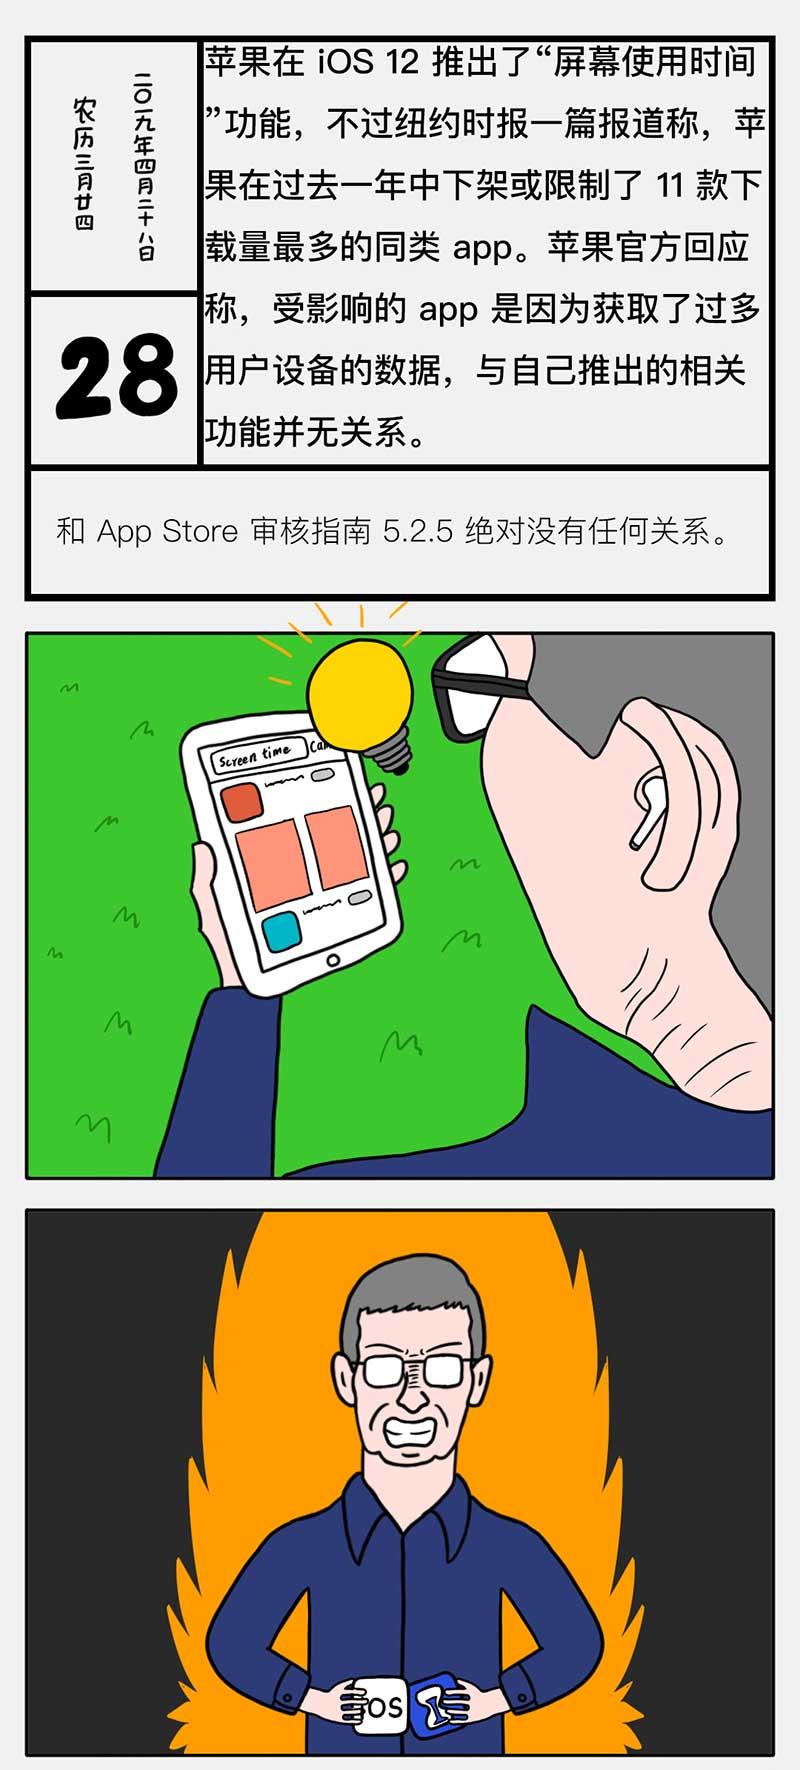 科技圖鑒 | 限制第三方應用,蘋果真的是為了保護你的數據?_iPhone